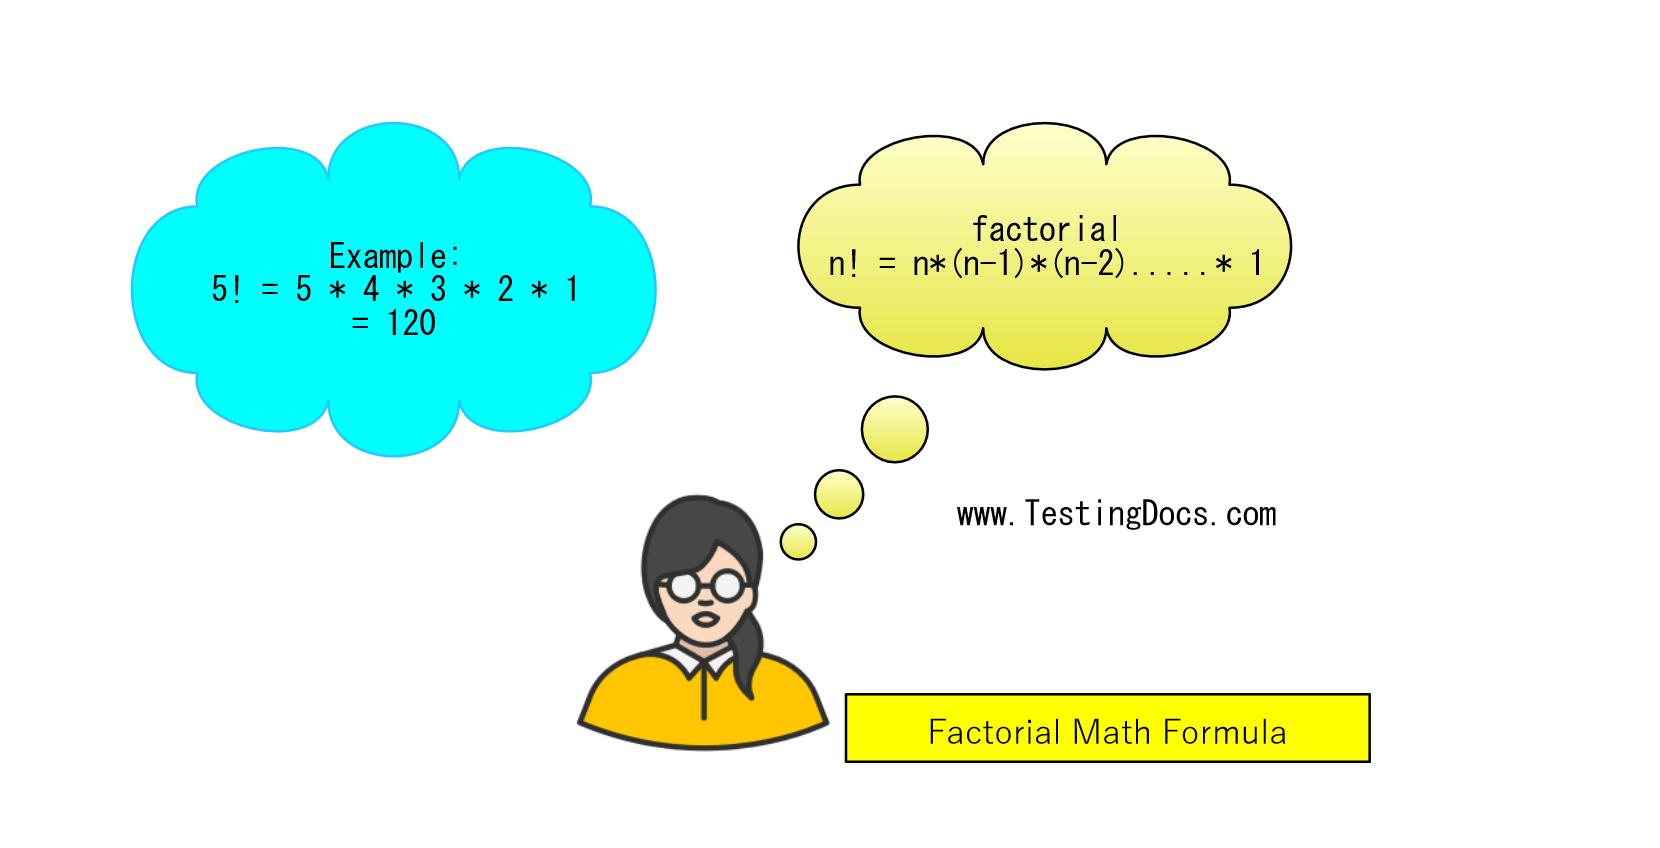 Factorial Java Program using Recursion